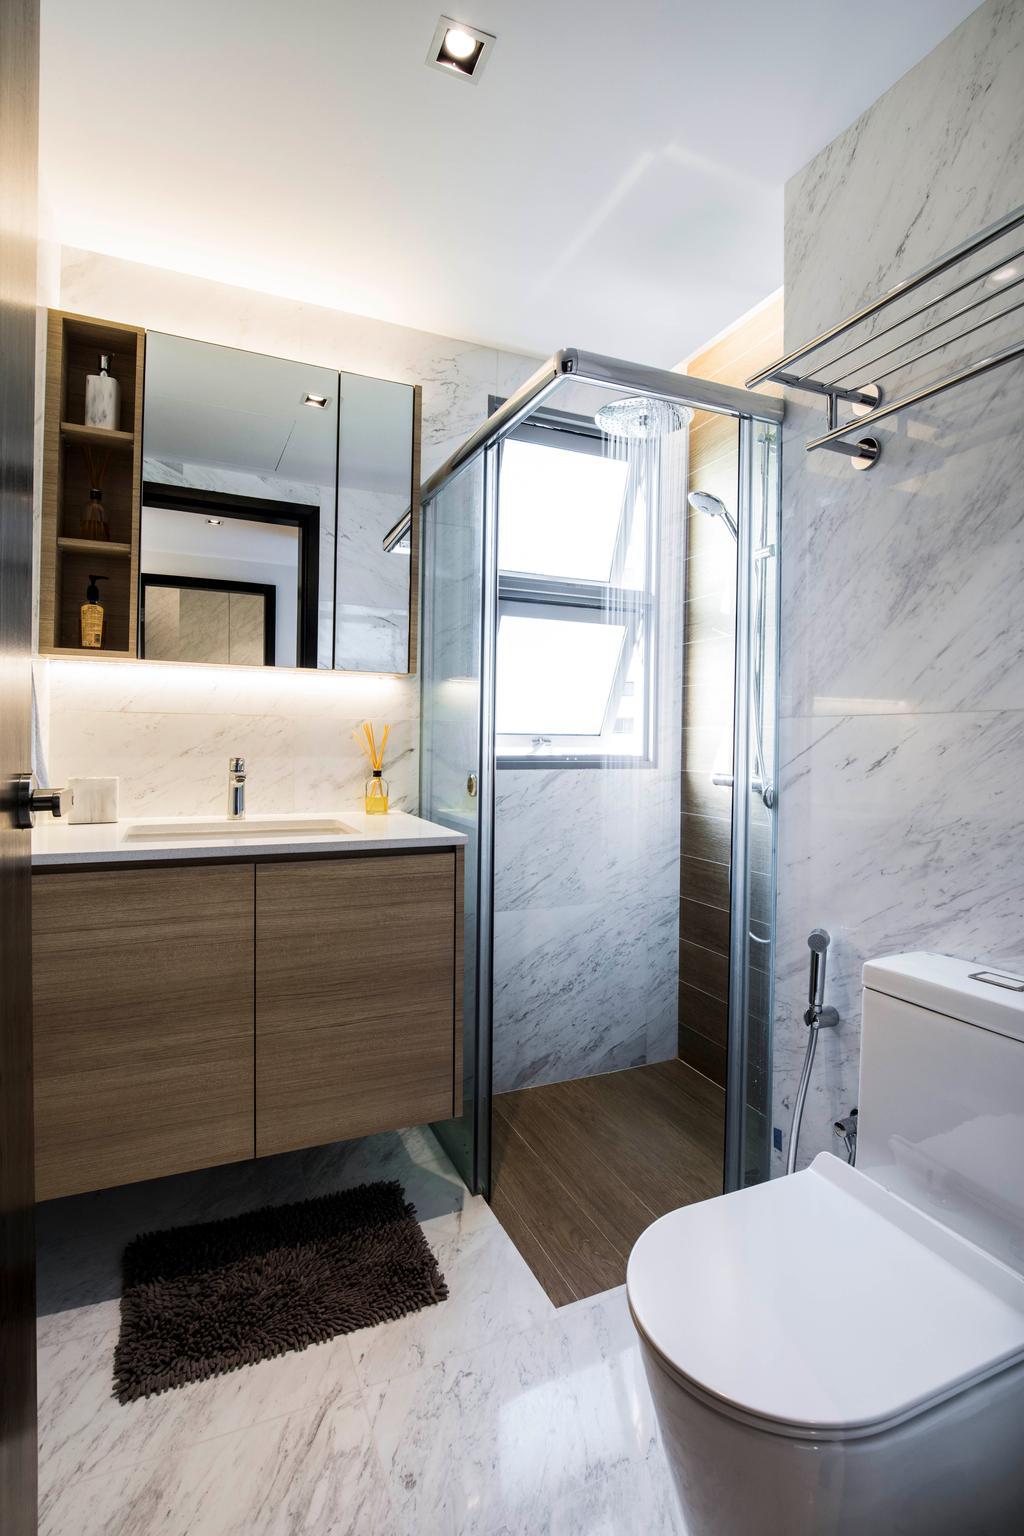 Condo, Bathroom, The Belvedere, Interior Designer, Sky Creation Asia